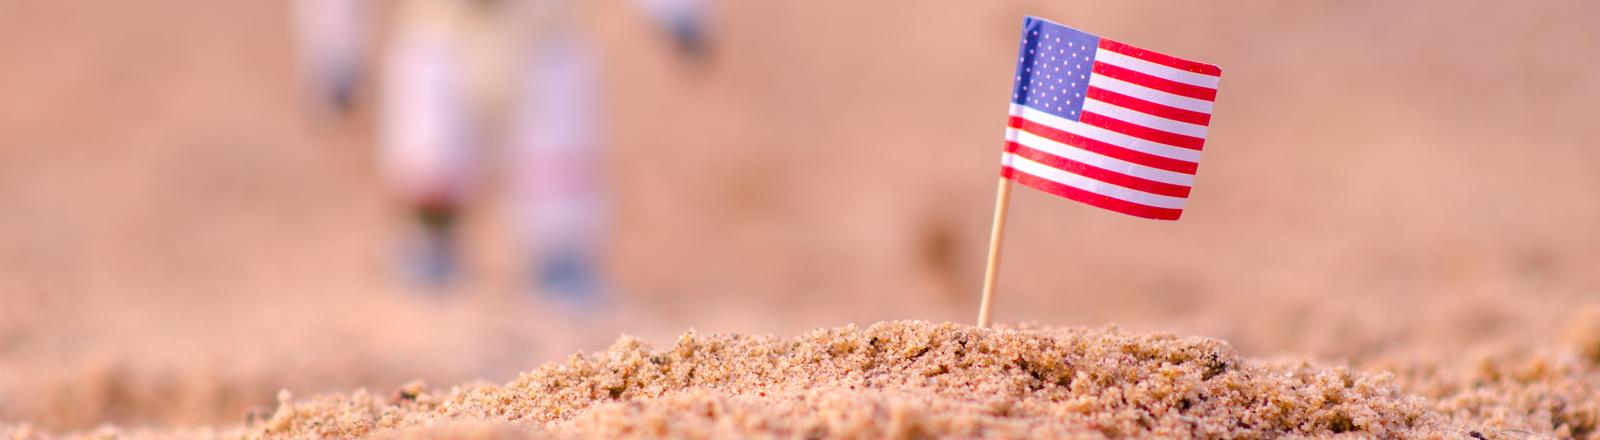 Amerikanische Flagge im Sand